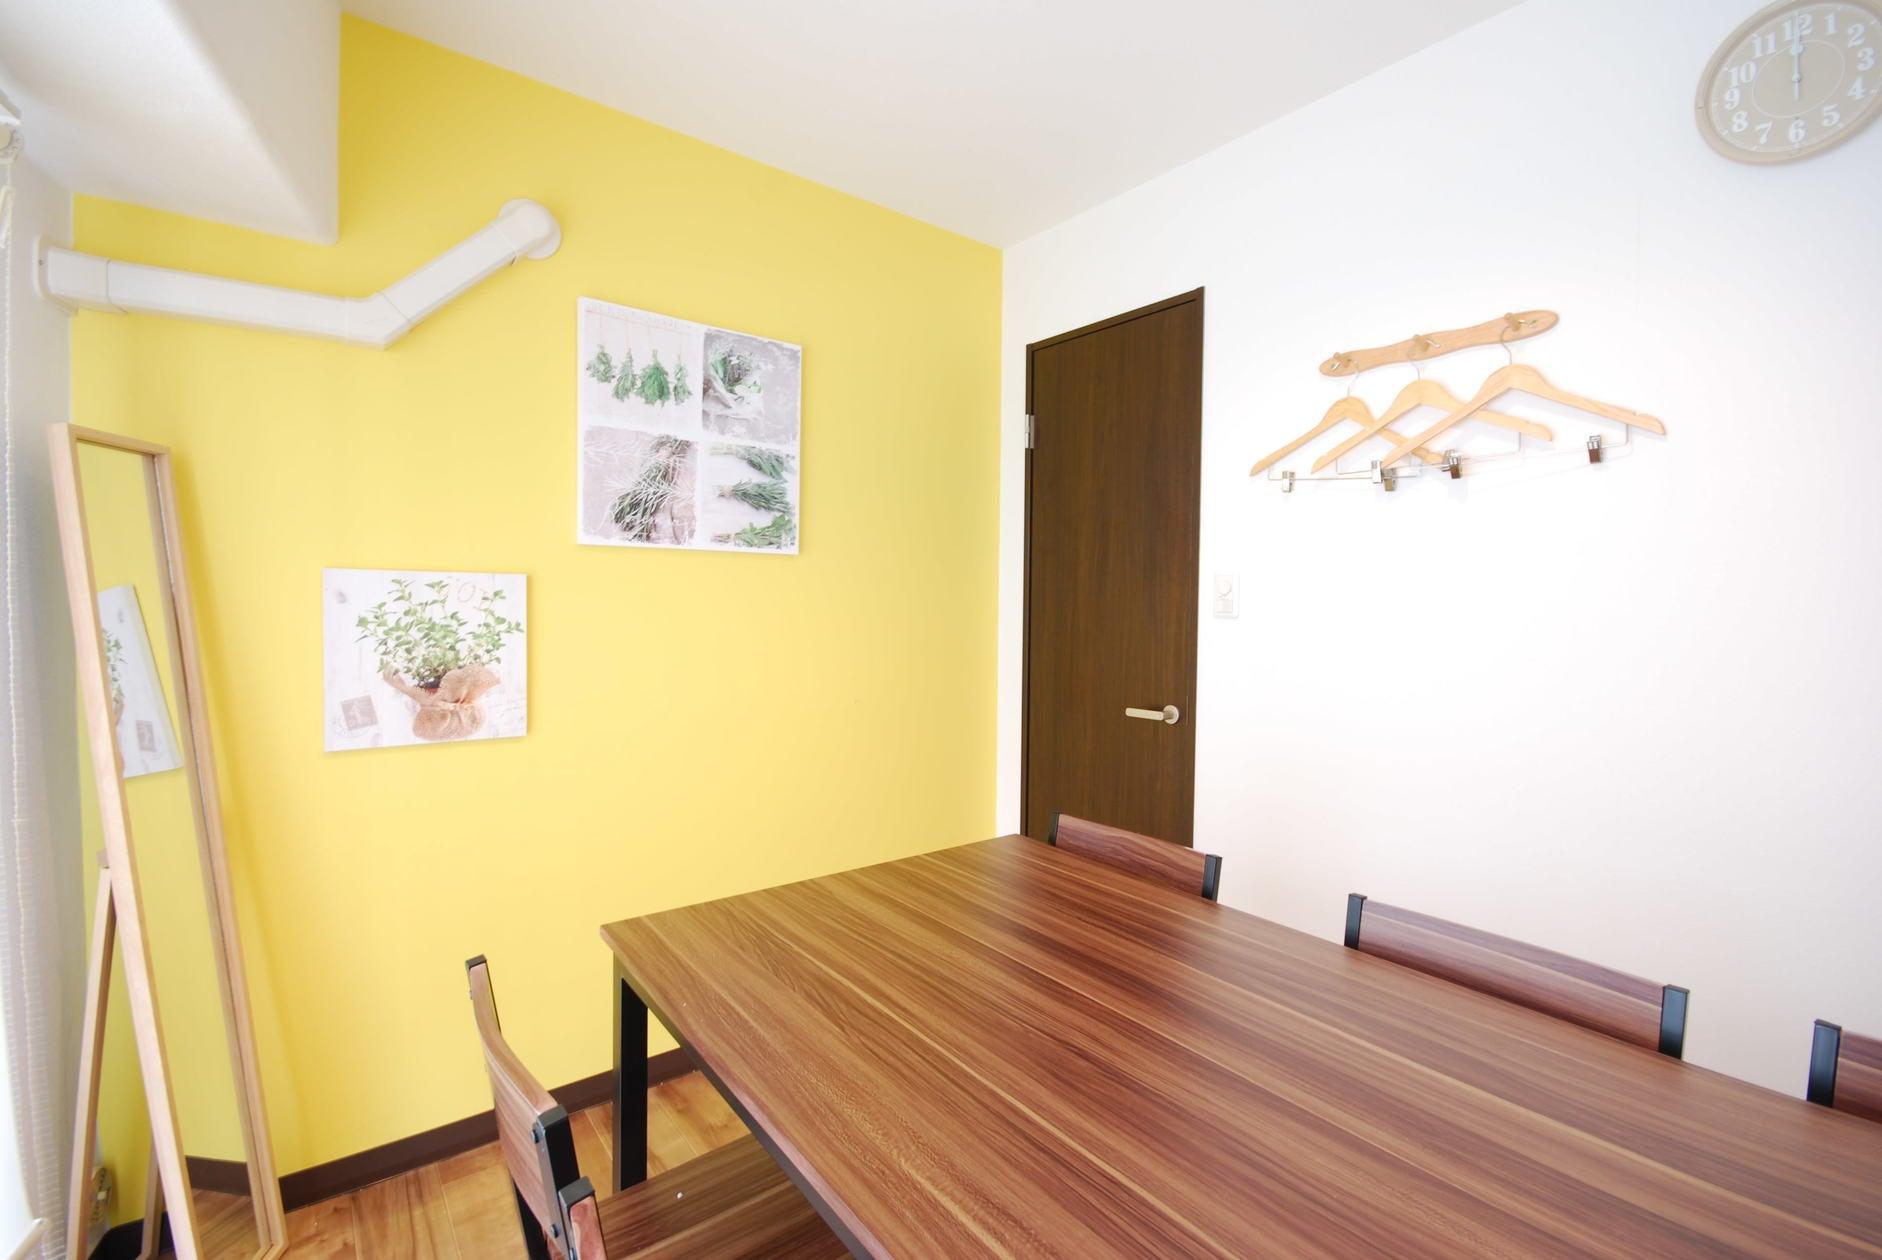 【デルソル Room A】★池袋駅東口徒歩3分★WiFi無料!明るく爽やかなスペース(土足でOK) の写真